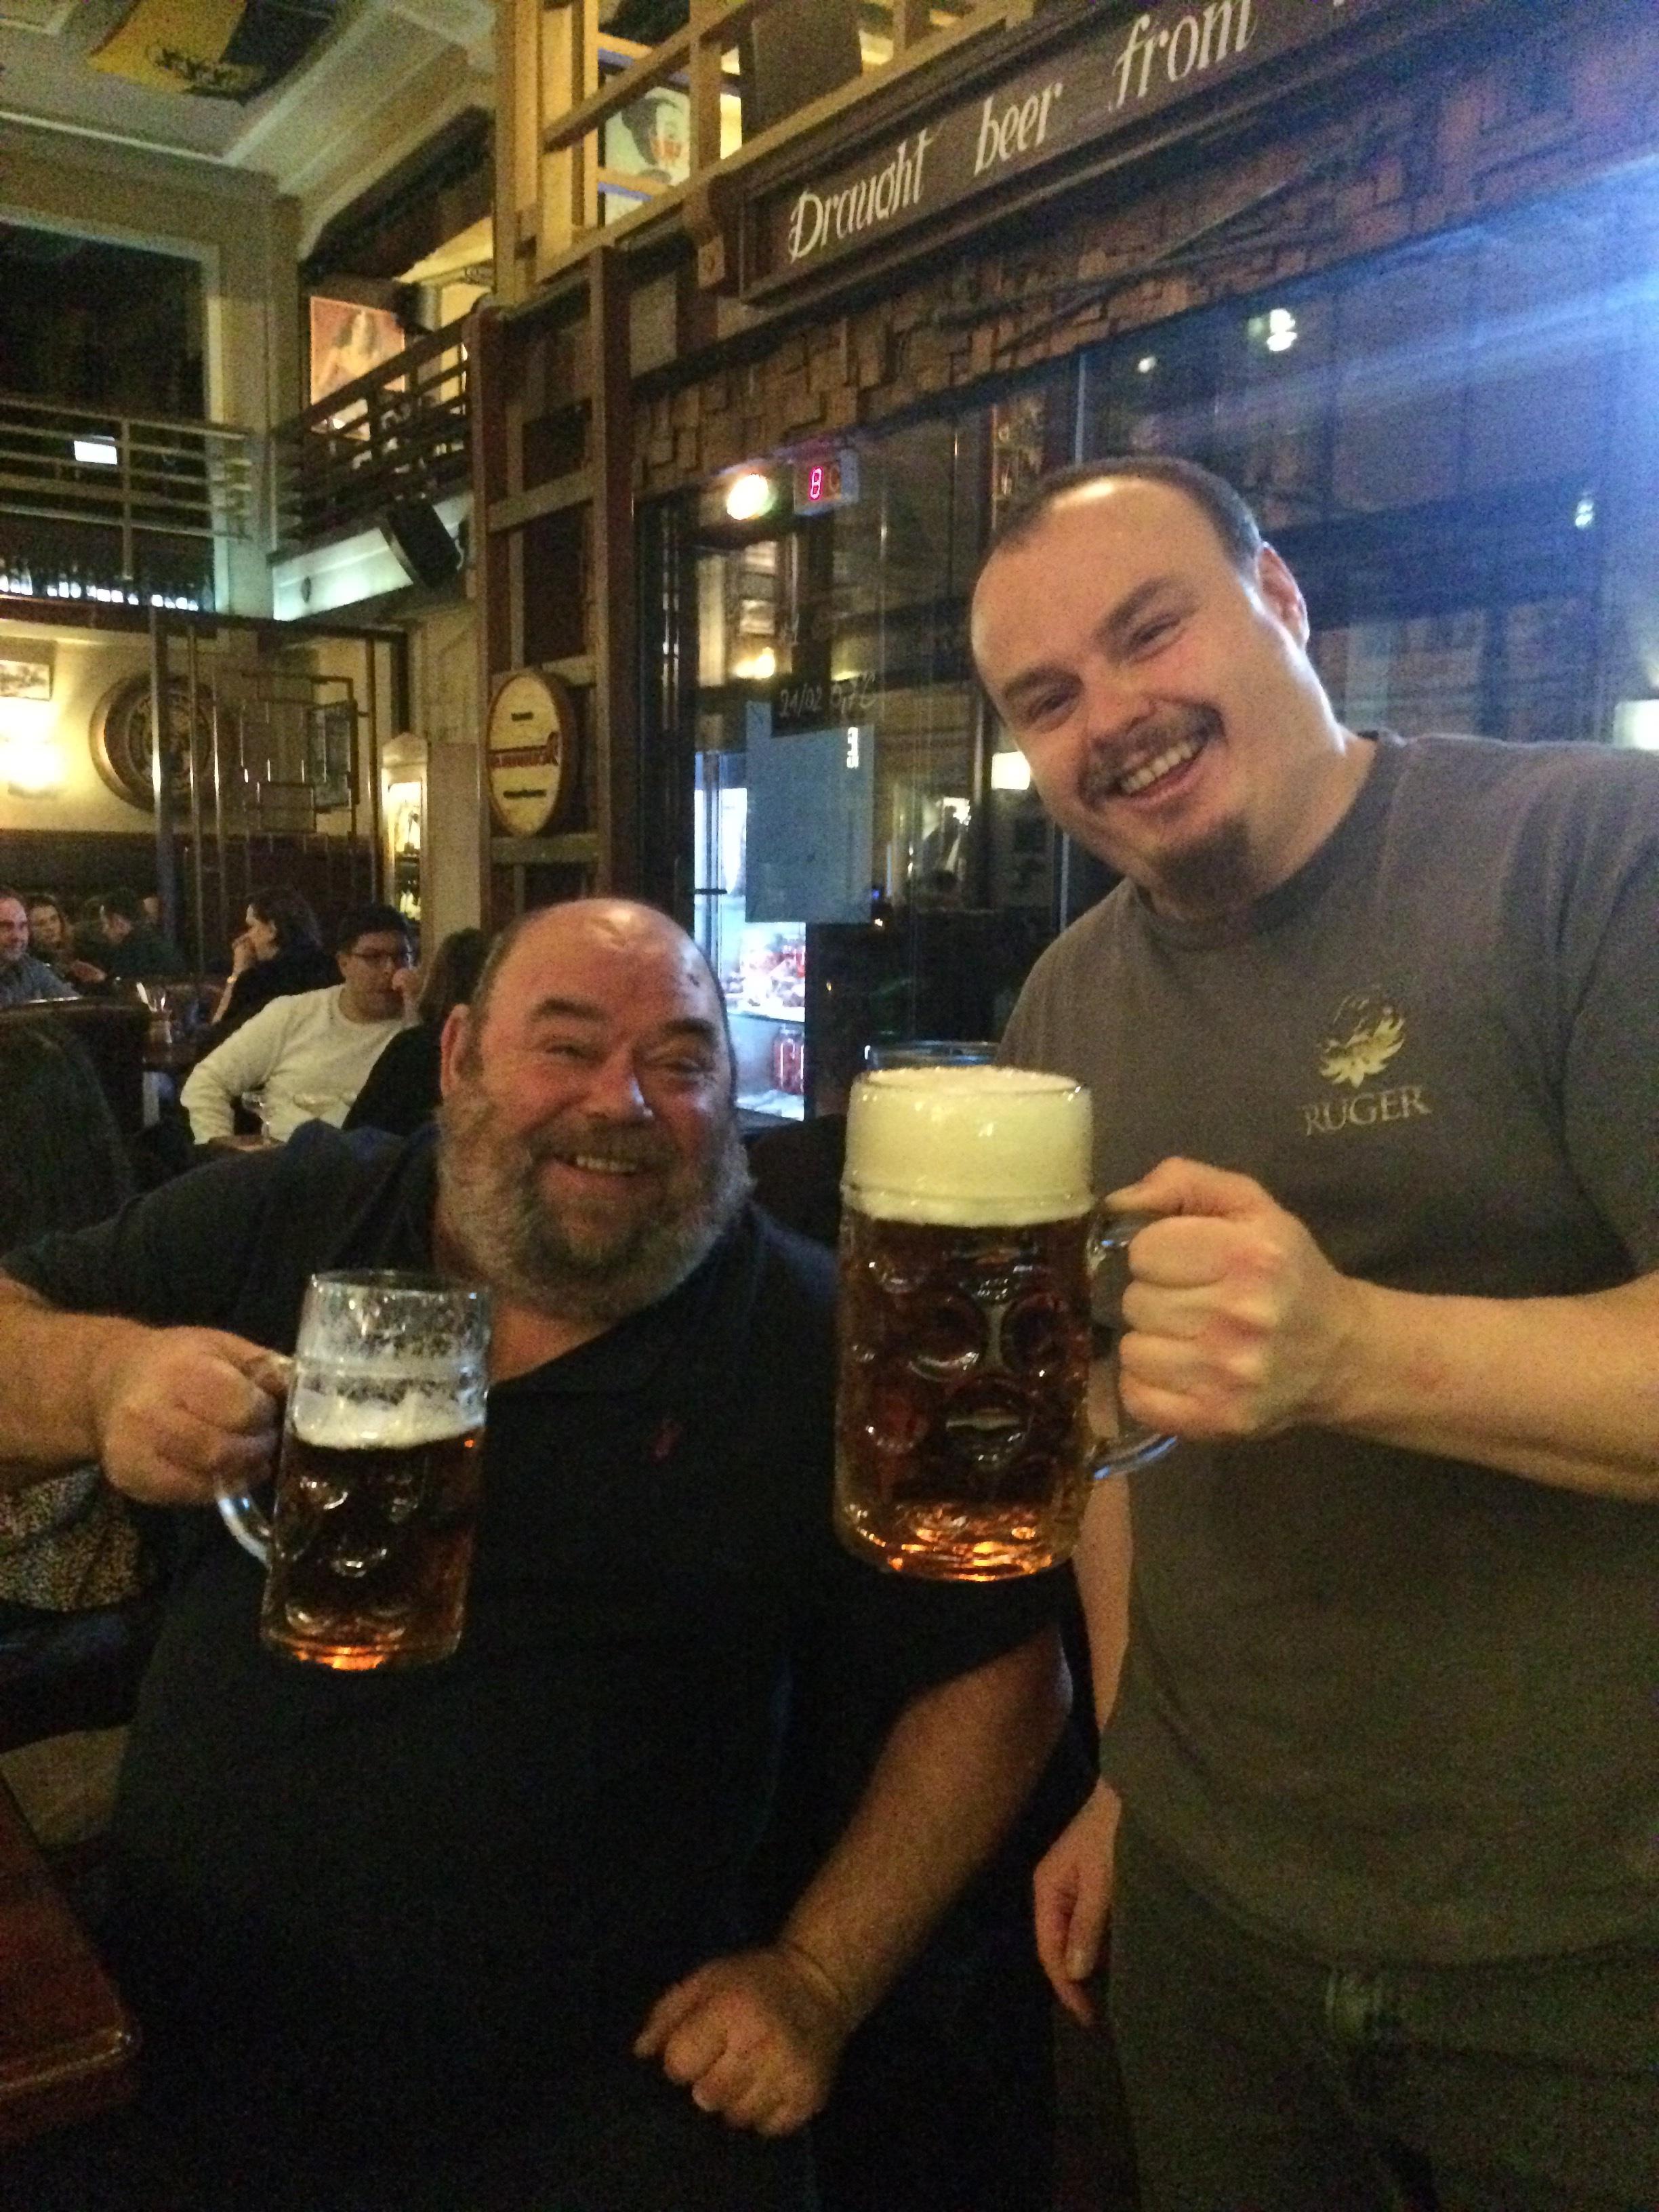 Huge beer glasses